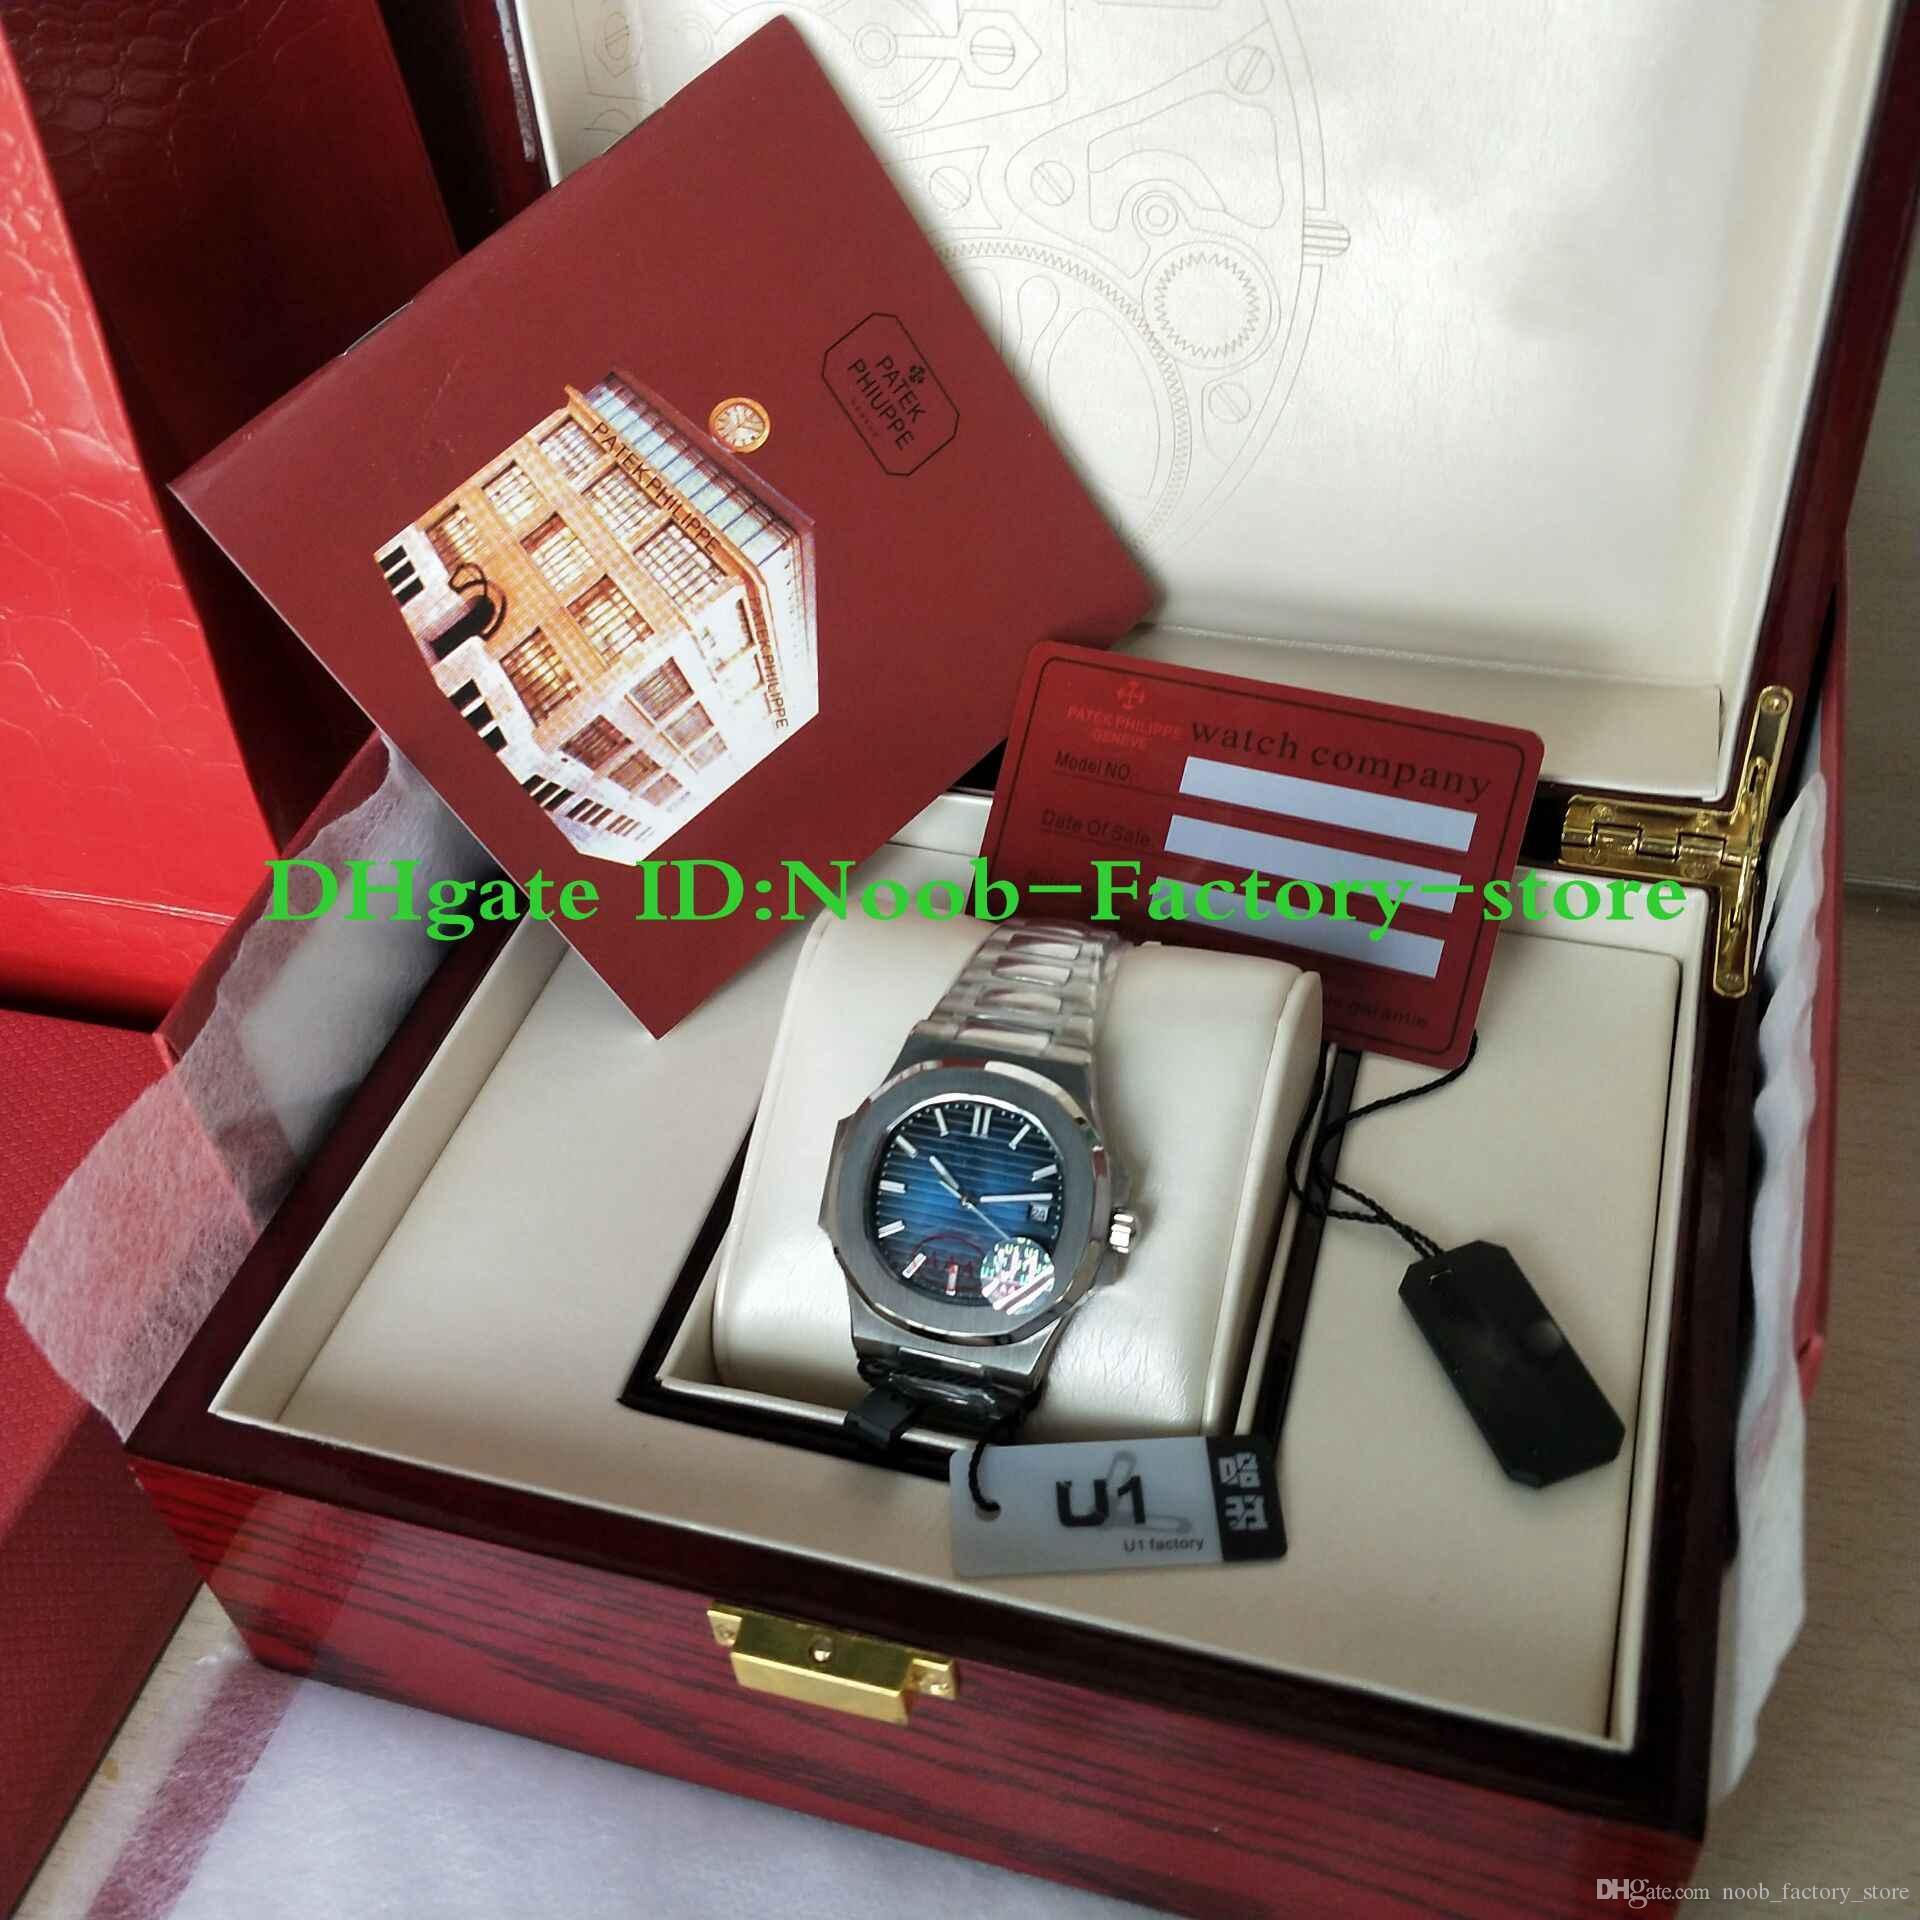 U1 Fábrica Mens Movimento Automático 40mm Relógio Azul Dial F Nautilus Clássico 5711 / 1A Relógios Transparentes Voltar Relógios De Pulso Caixa Original